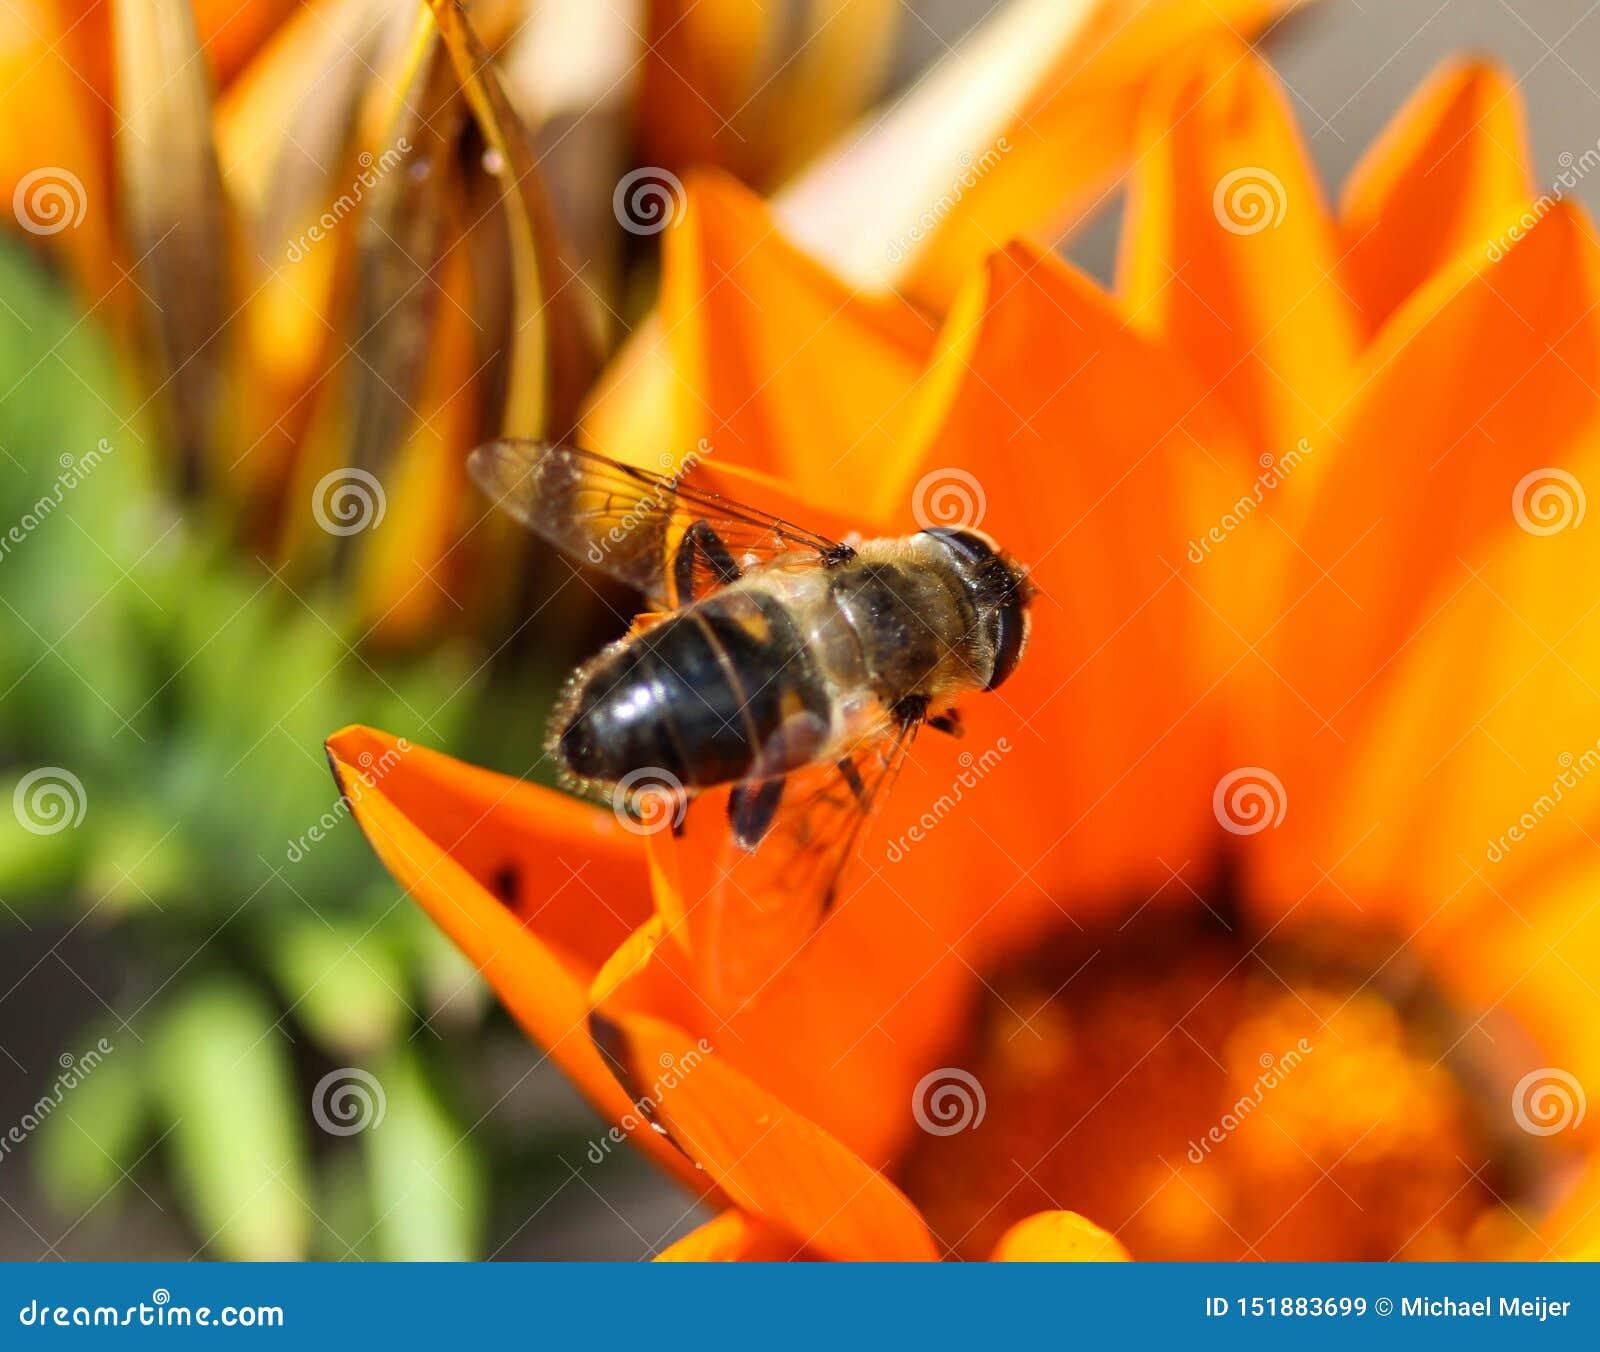 Το Eristalis tenax ή ο κηφήνας πετά, ένα ευρωπαϊκό hoverfly, καθμένος στο λουλούδι